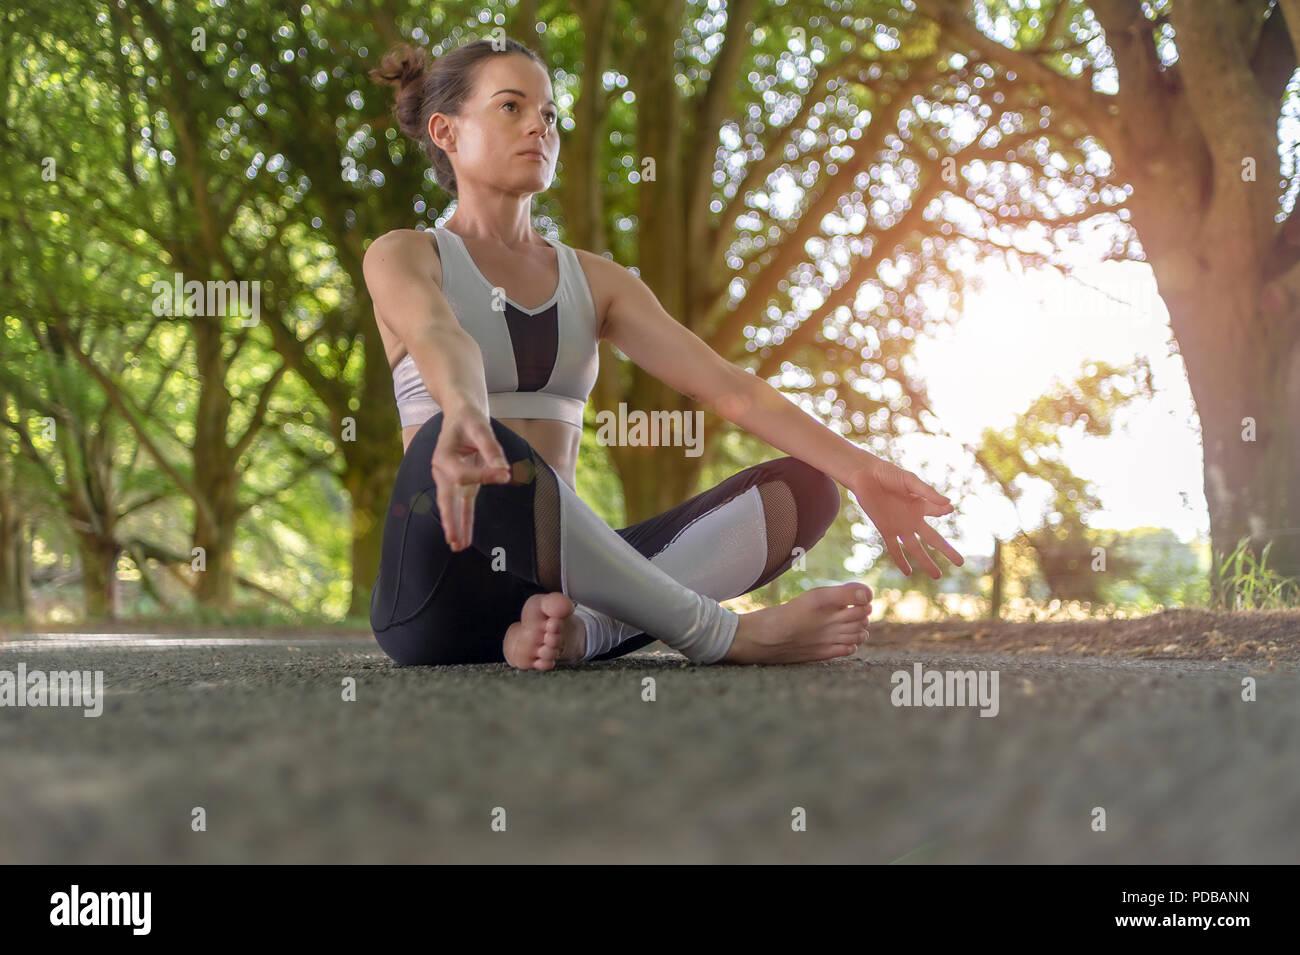 Donna seduta meditando esterno con alberi, Immagini Stock